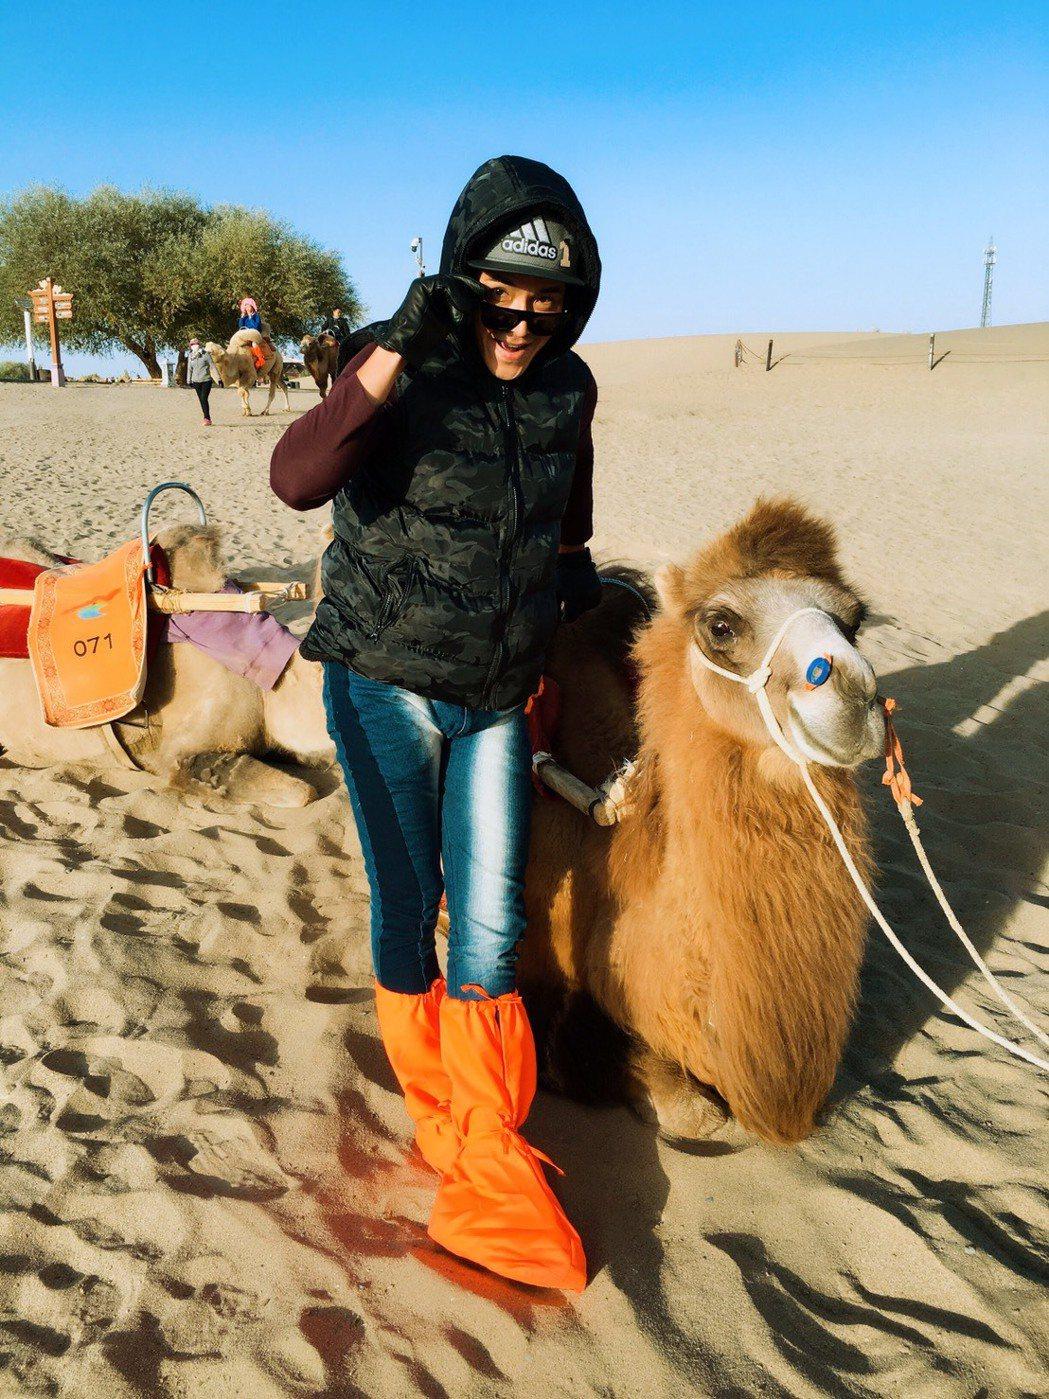 王傳一赴敦煌拍攝古裝戲「東宮」,沙漠體驗騎駱駝。圖/嚞娛樂提供